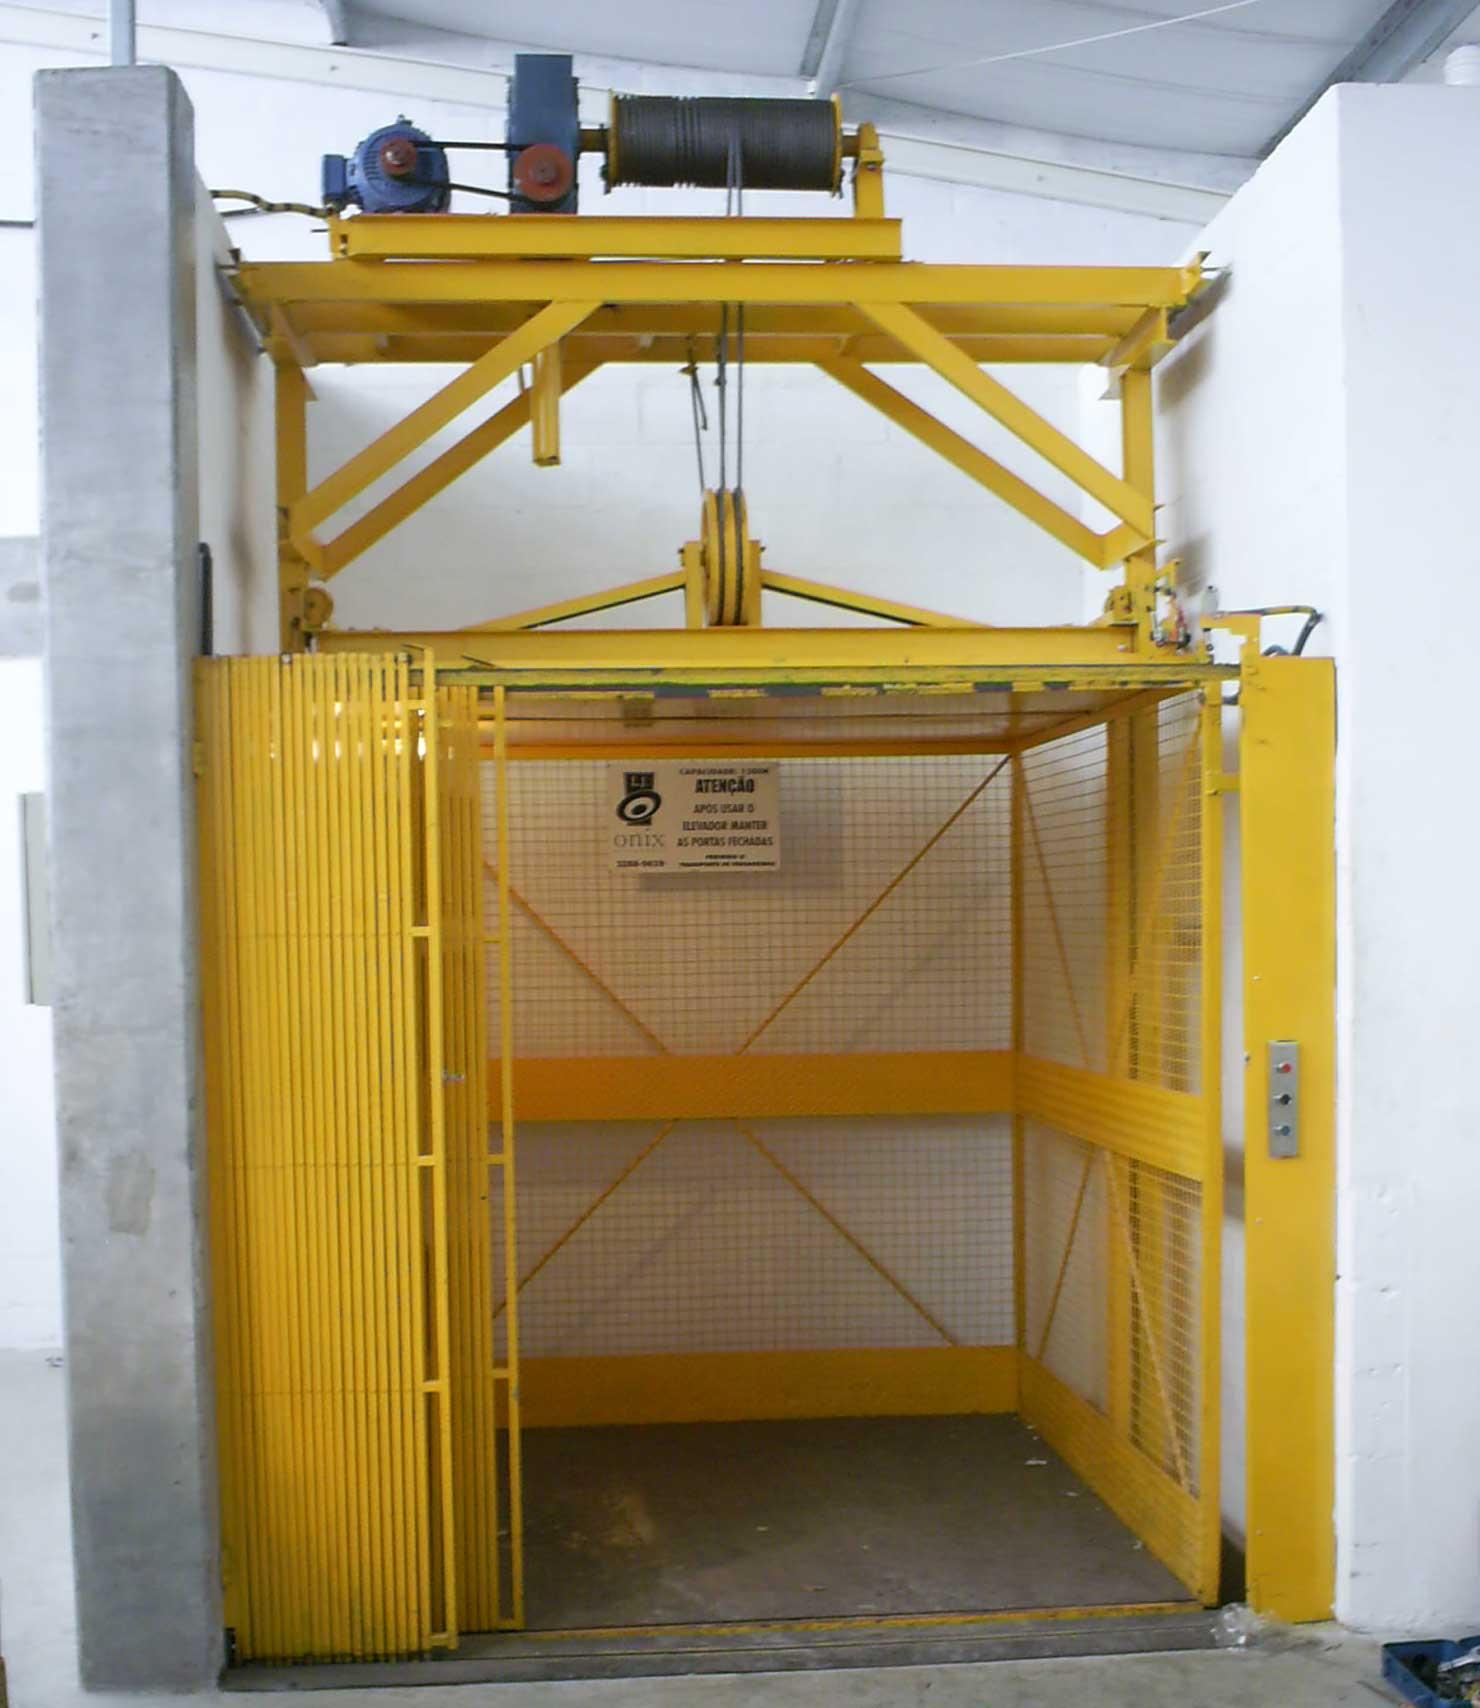 Imagens de #A98622 Projeto Solicitado [12 de novembro de 2013] – Projeto de Elevador de  1480x1708 px 3416 Bloco Cad Banheiro Para Cadeirante